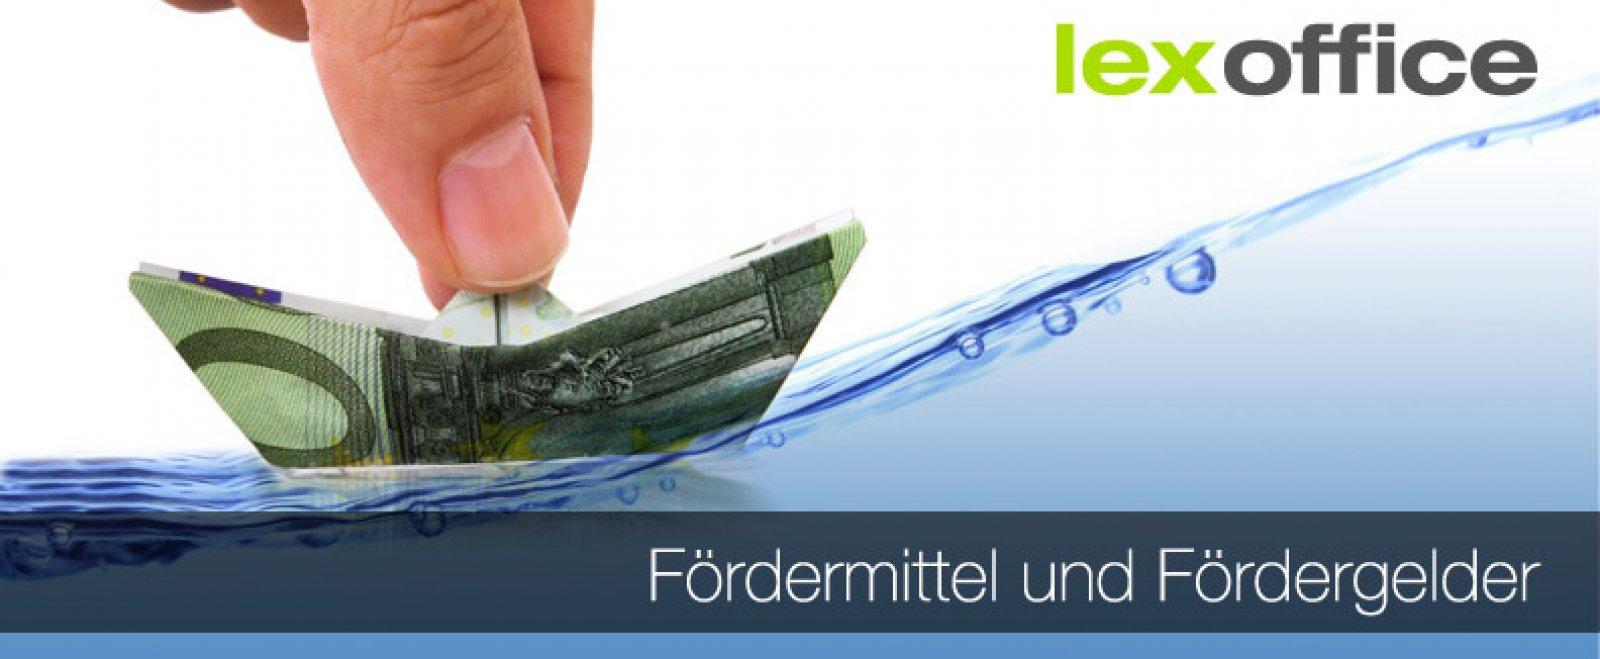 Fördermittel und Fördergelder für Selbstständige und Unternehmer